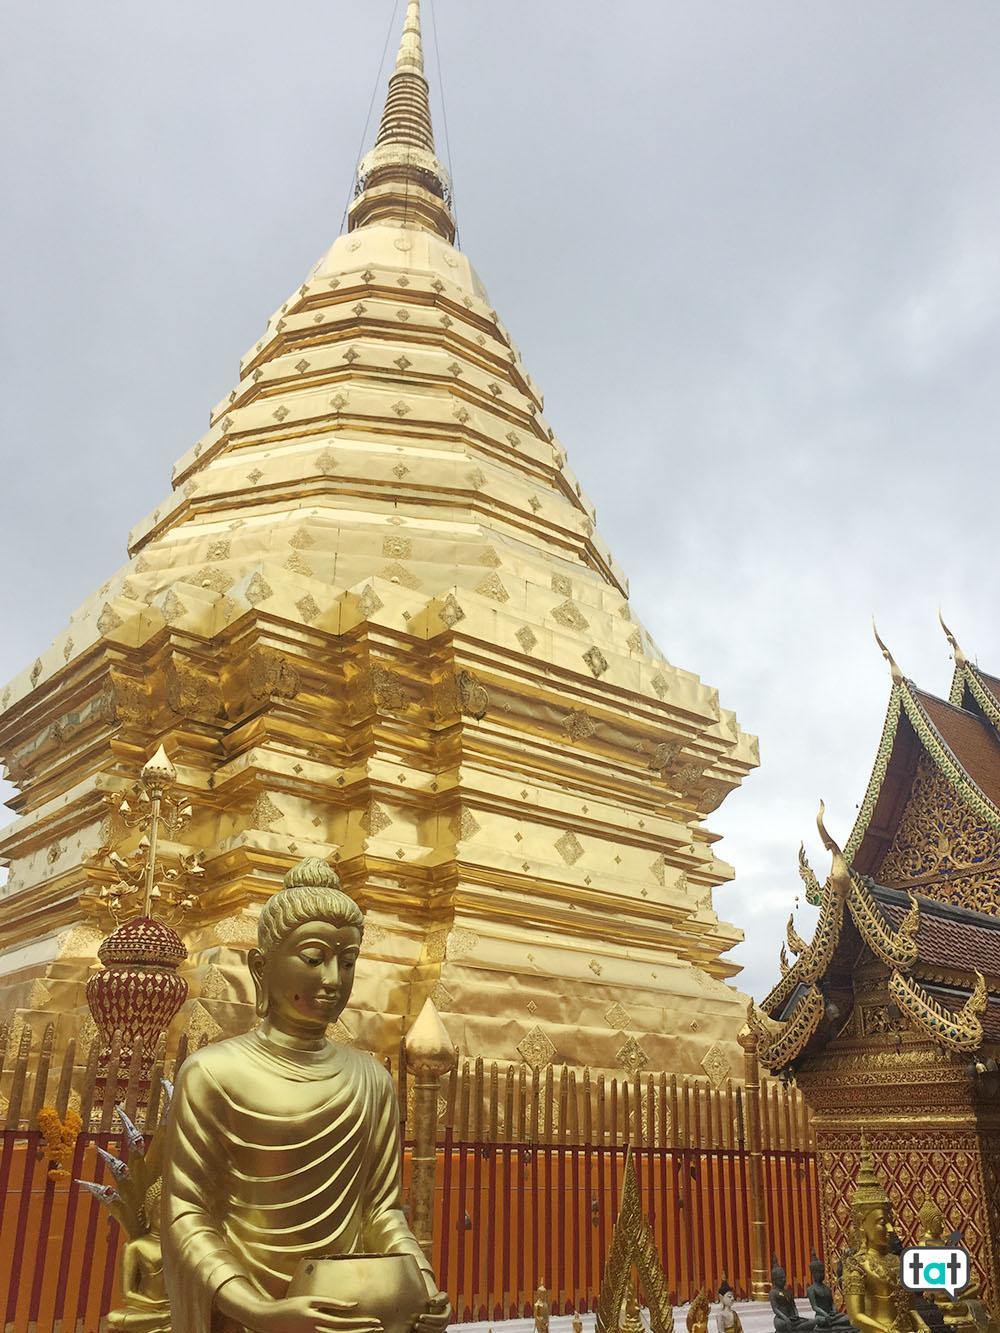 thailandia wat phra that doi suthep